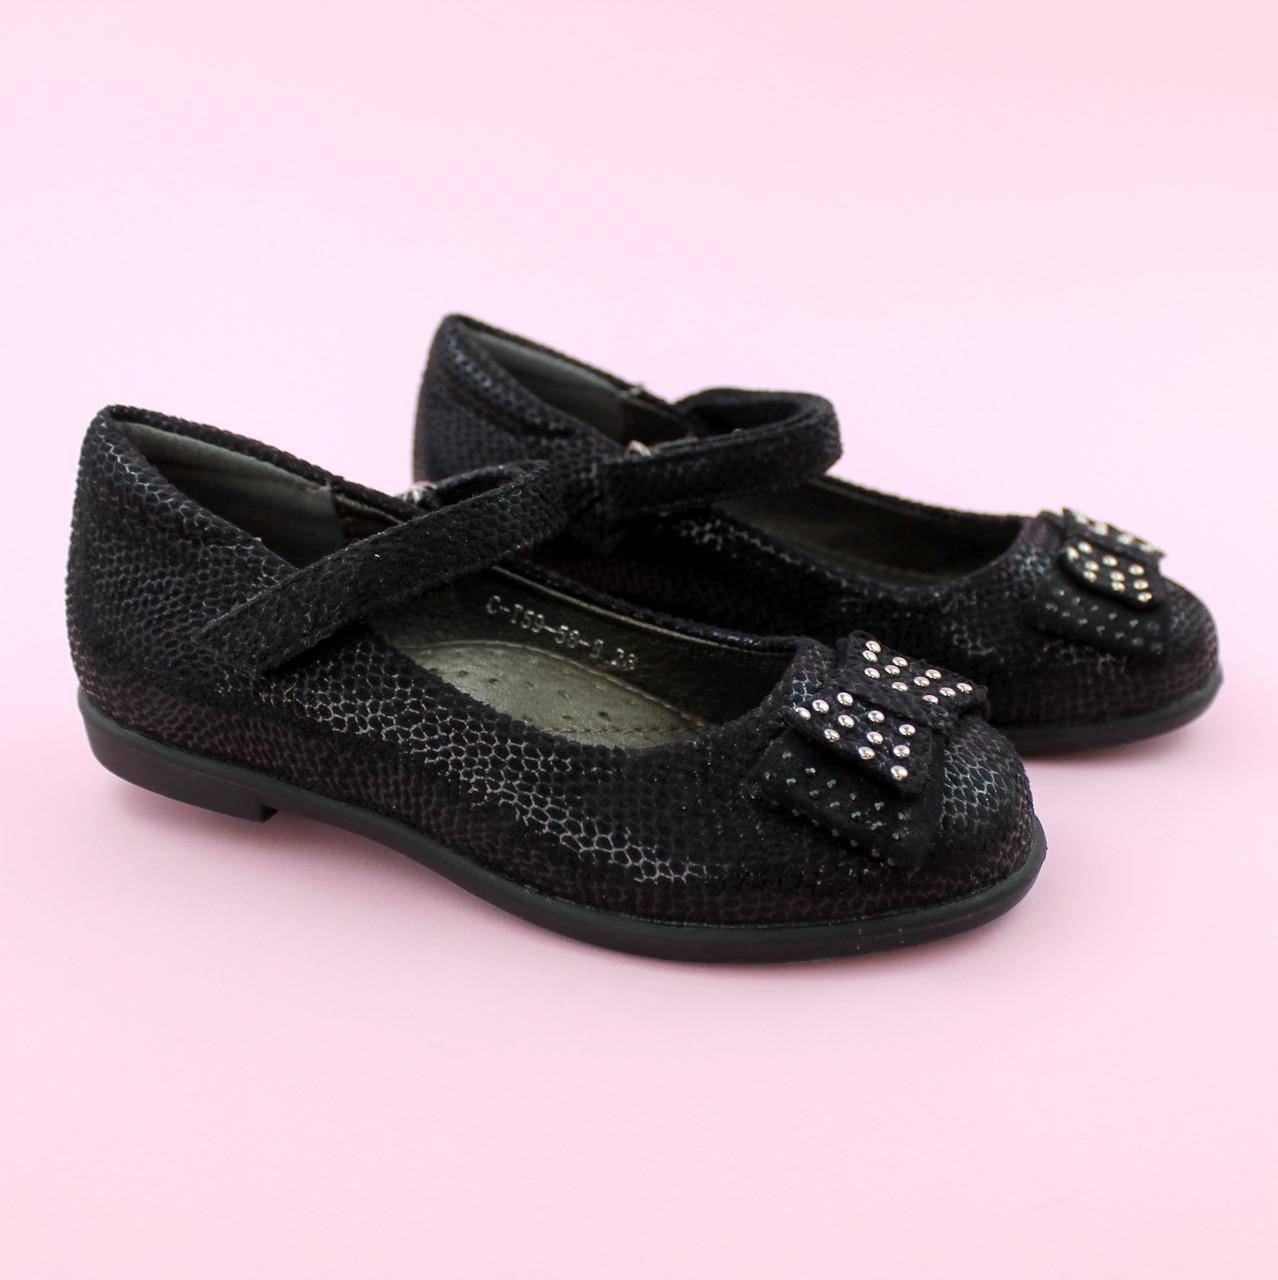 Туфлі для дівчинки Чорні Бант тм Тому.м розмір 28,32,34,35